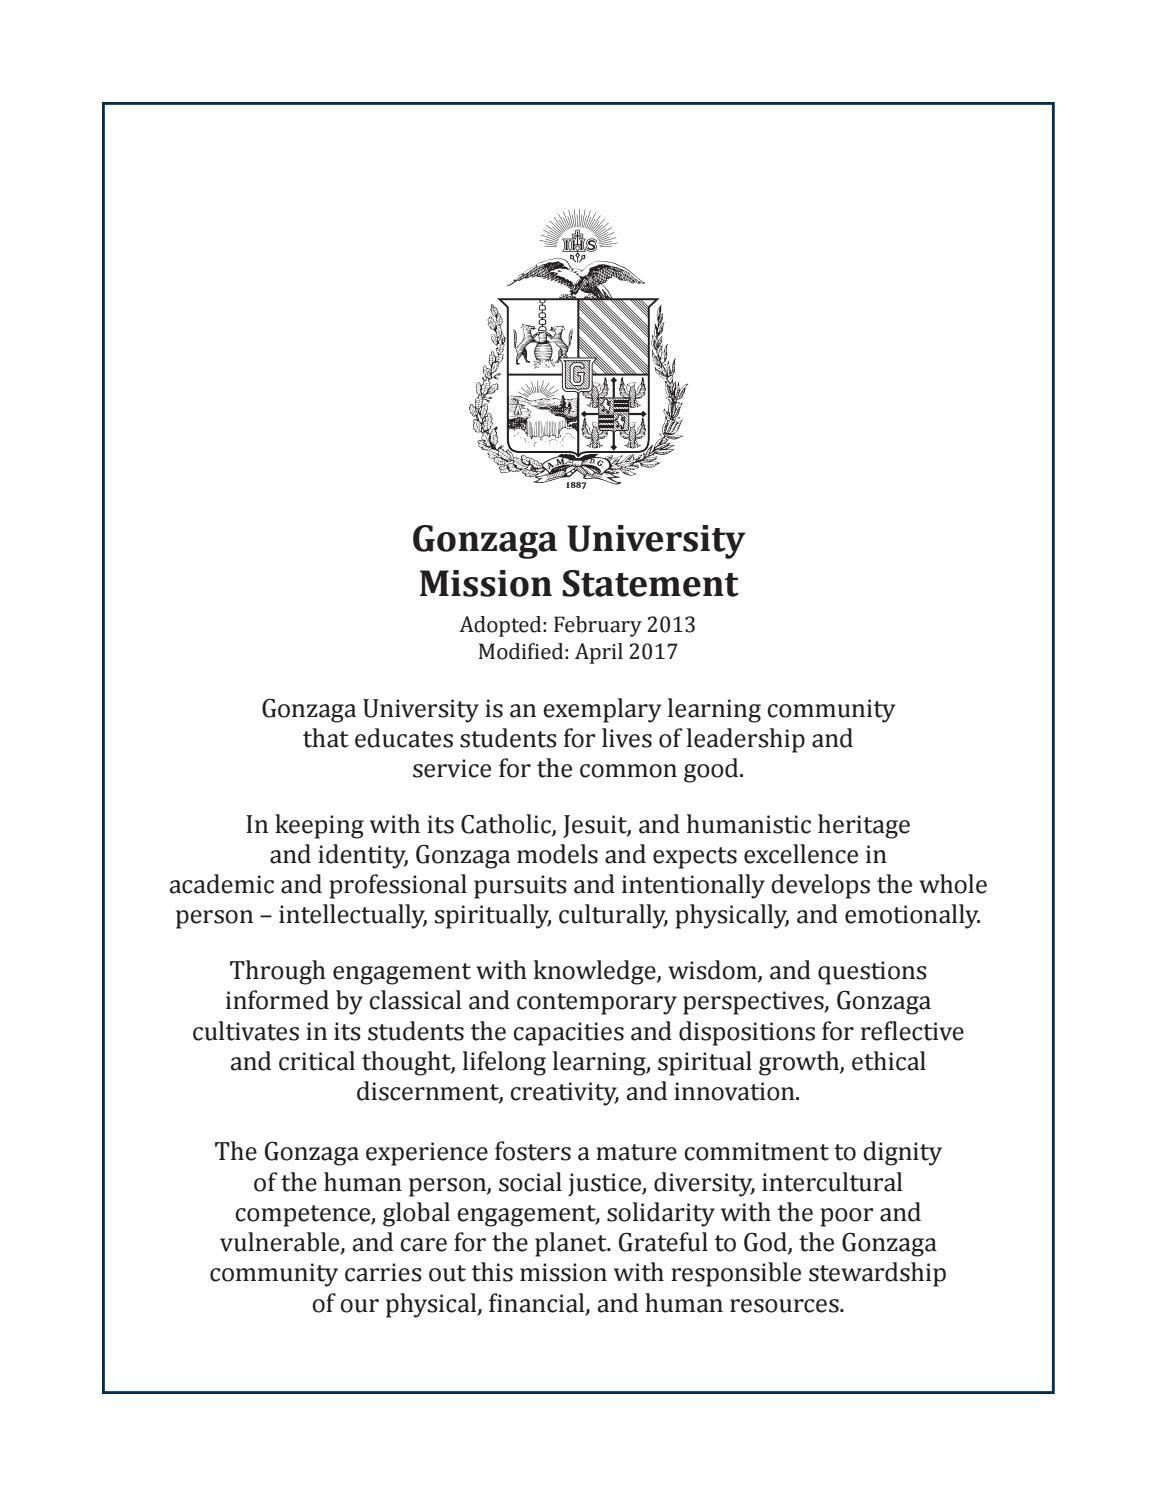 Gonzaga Resume Cover Letter